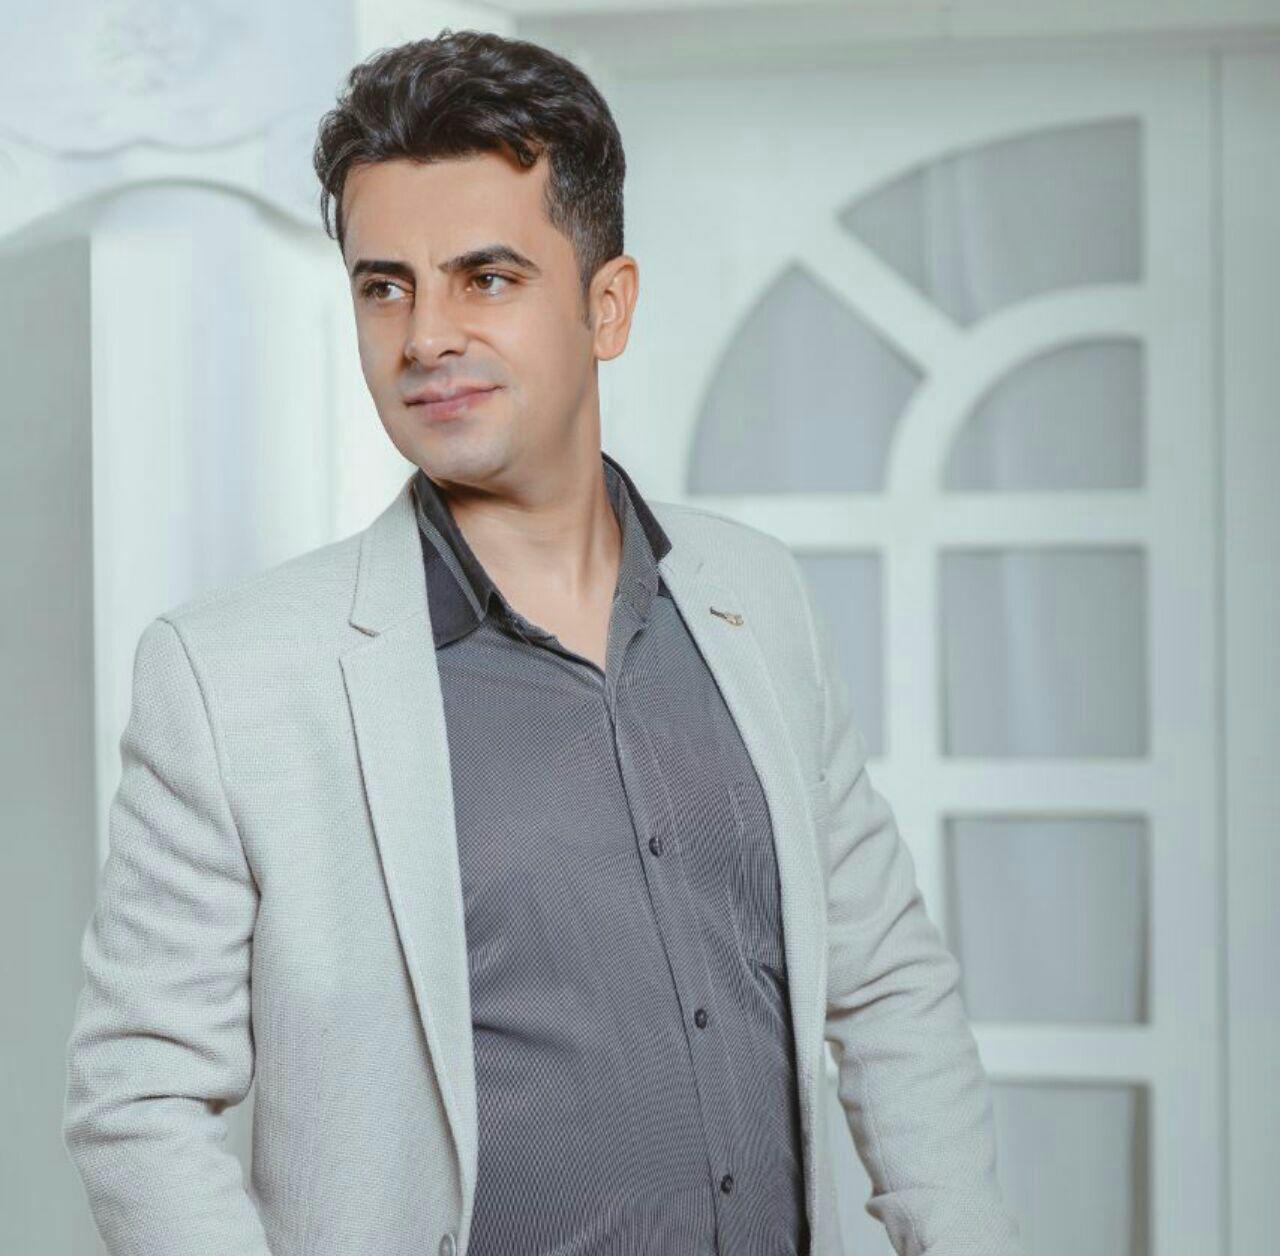 دانلود آهنگ جدید شاخوان احمدی به نام کنیشکه